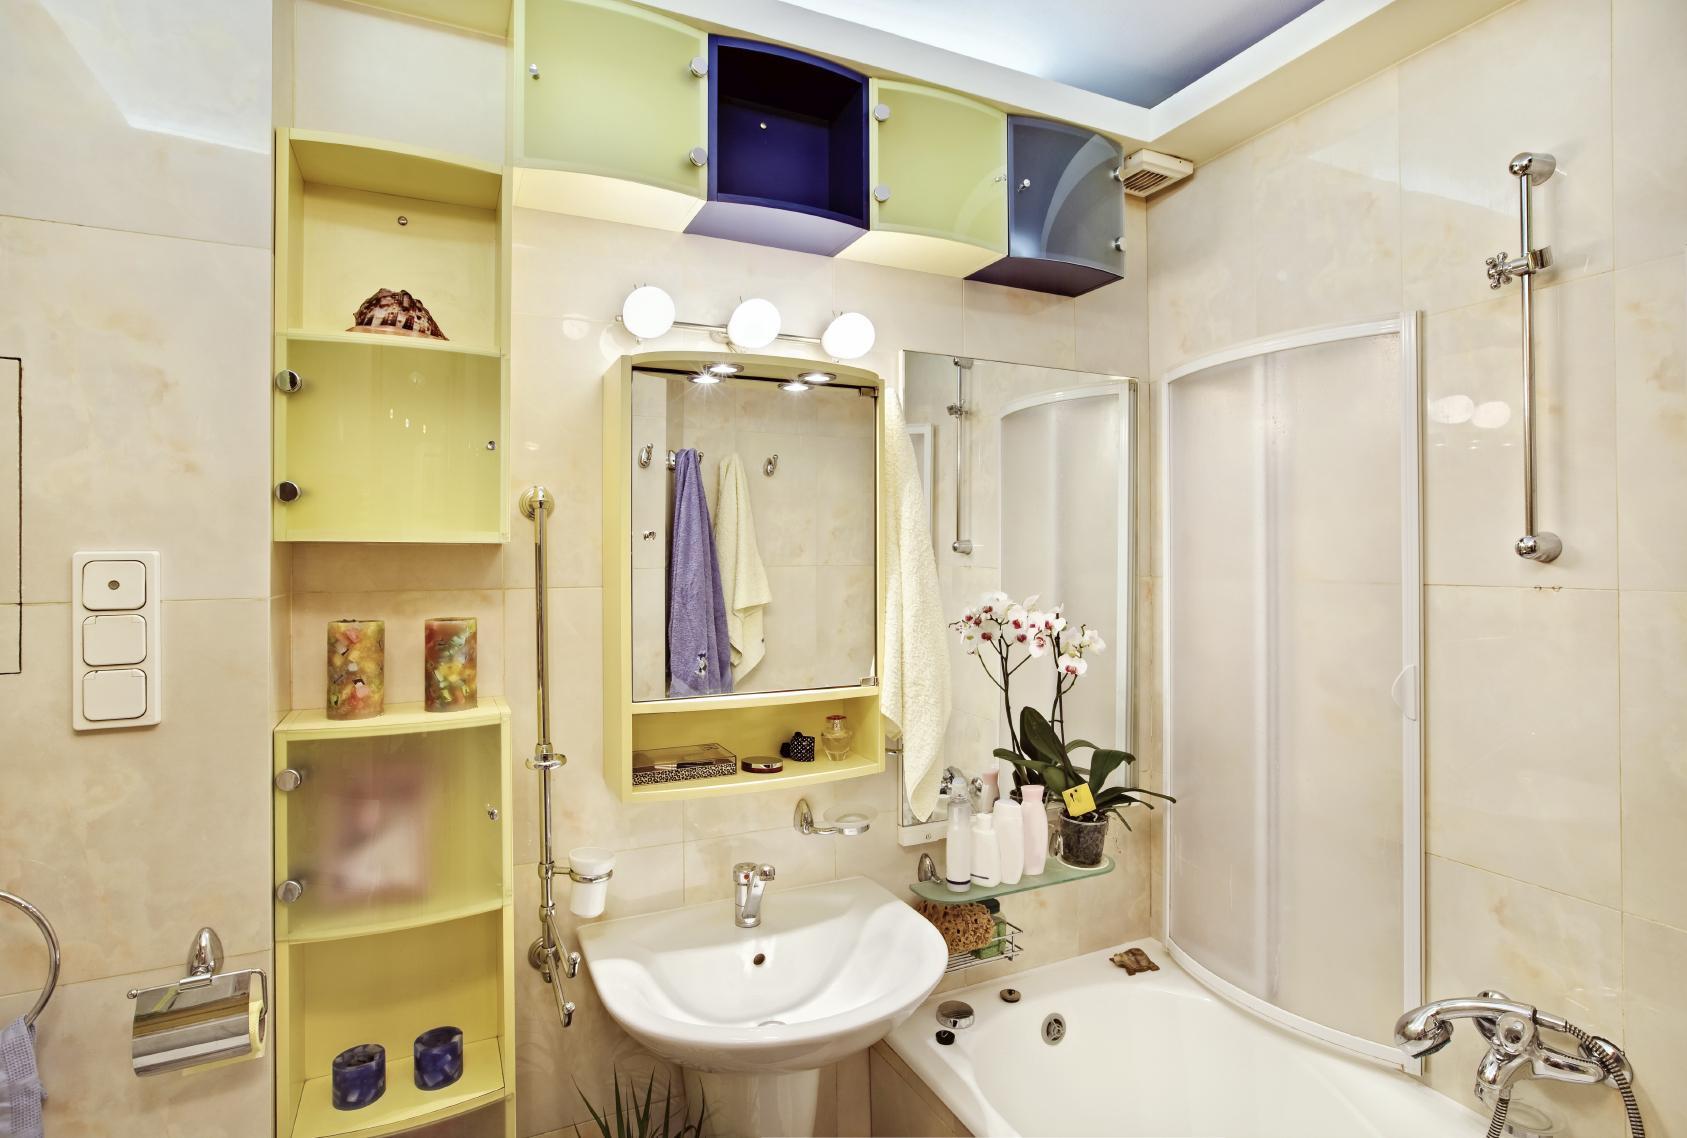 Diy ideen f r kleine badezimmer das spiegel magazin for Badezimmer ideen diy